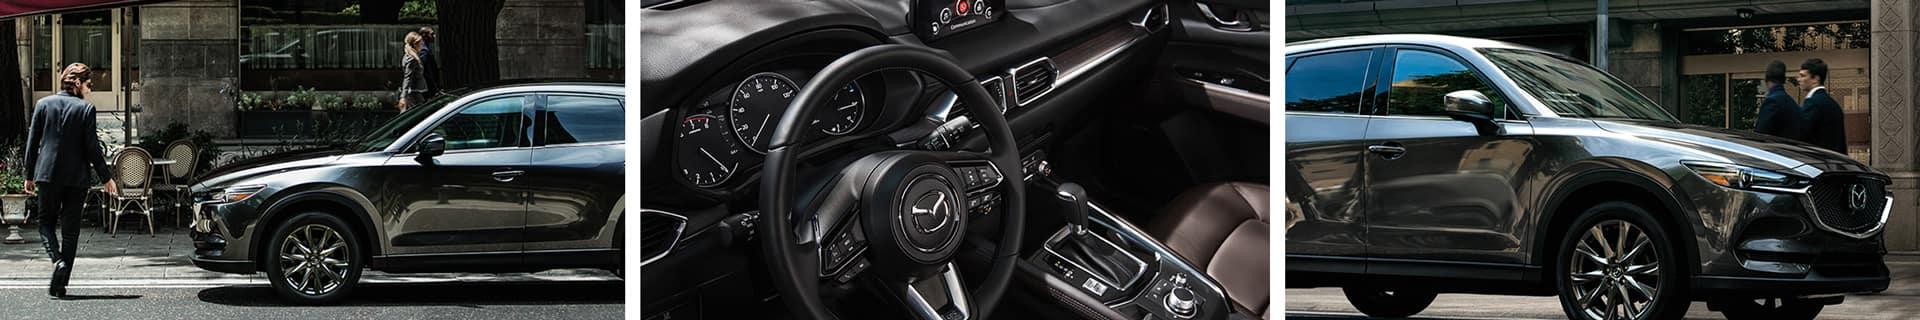 2020 Mazda CX-5 For Sale Naperville IL | Aurora